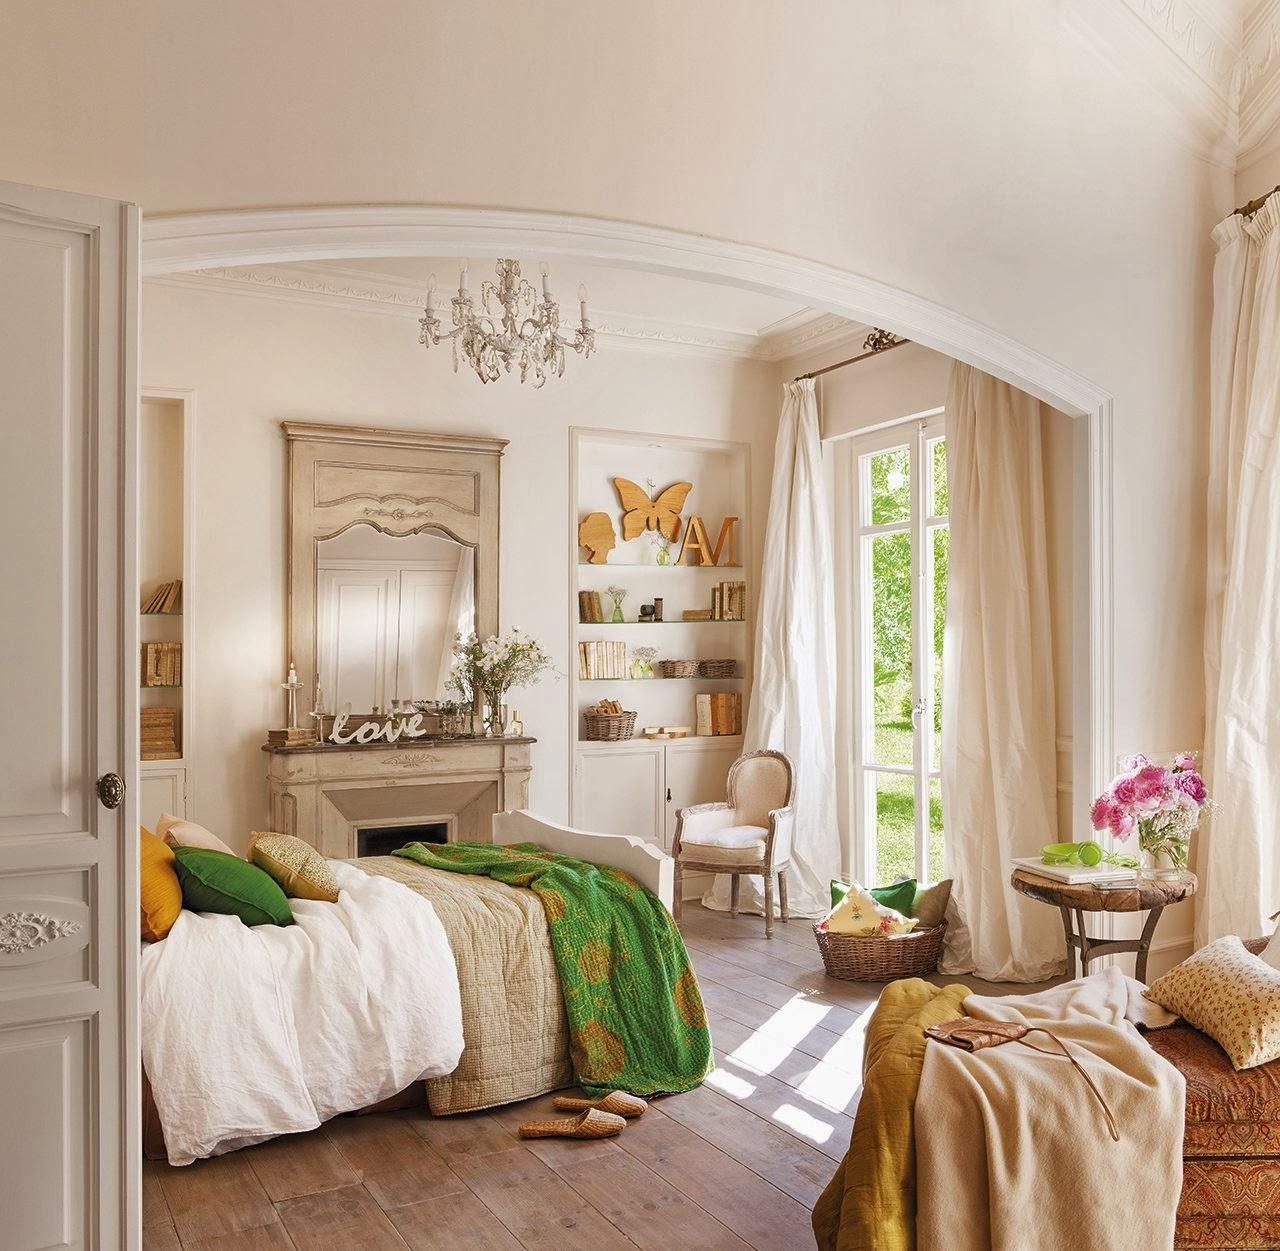 Stebbing house desing dormitorios de ensue o for Dormitorios de ensueno